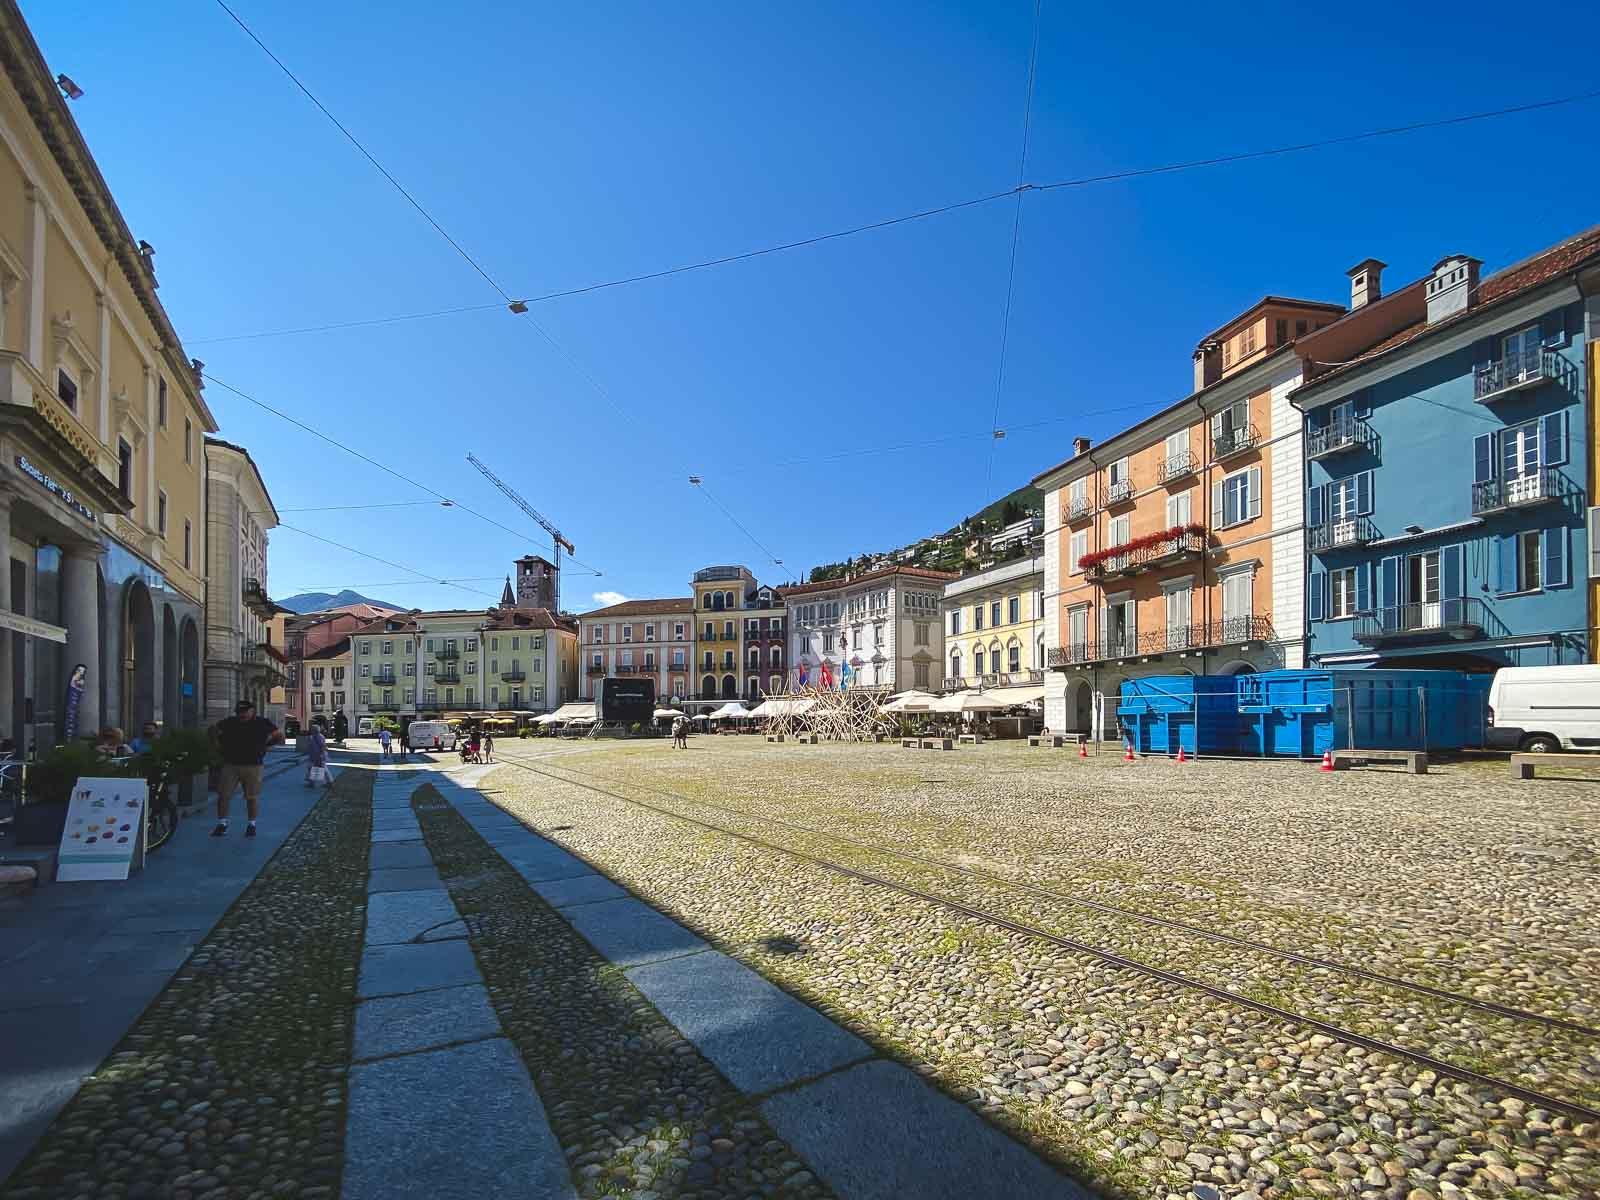 Locarno Piazza in Ticino